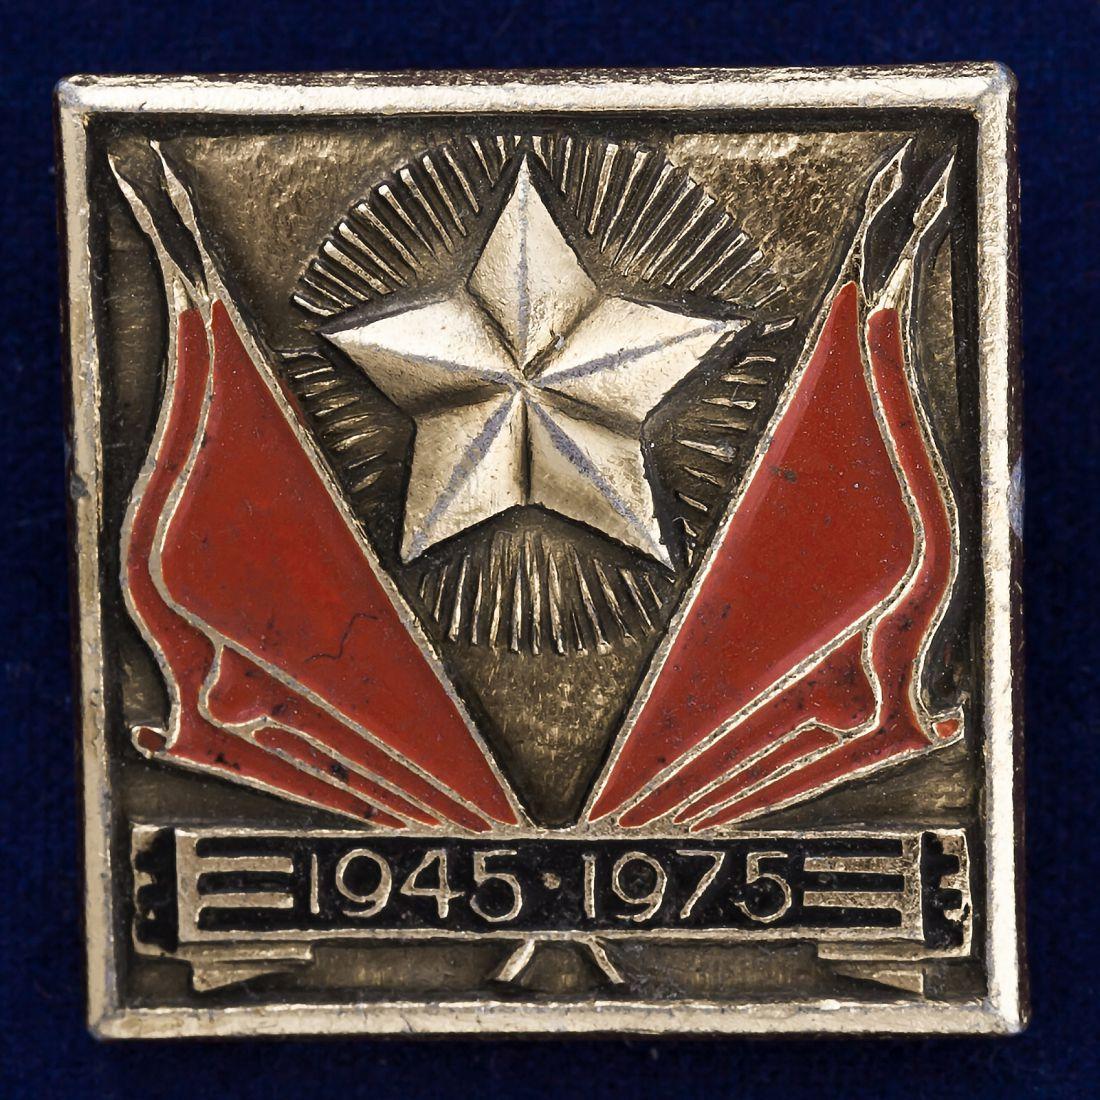 Значок 1945-1975